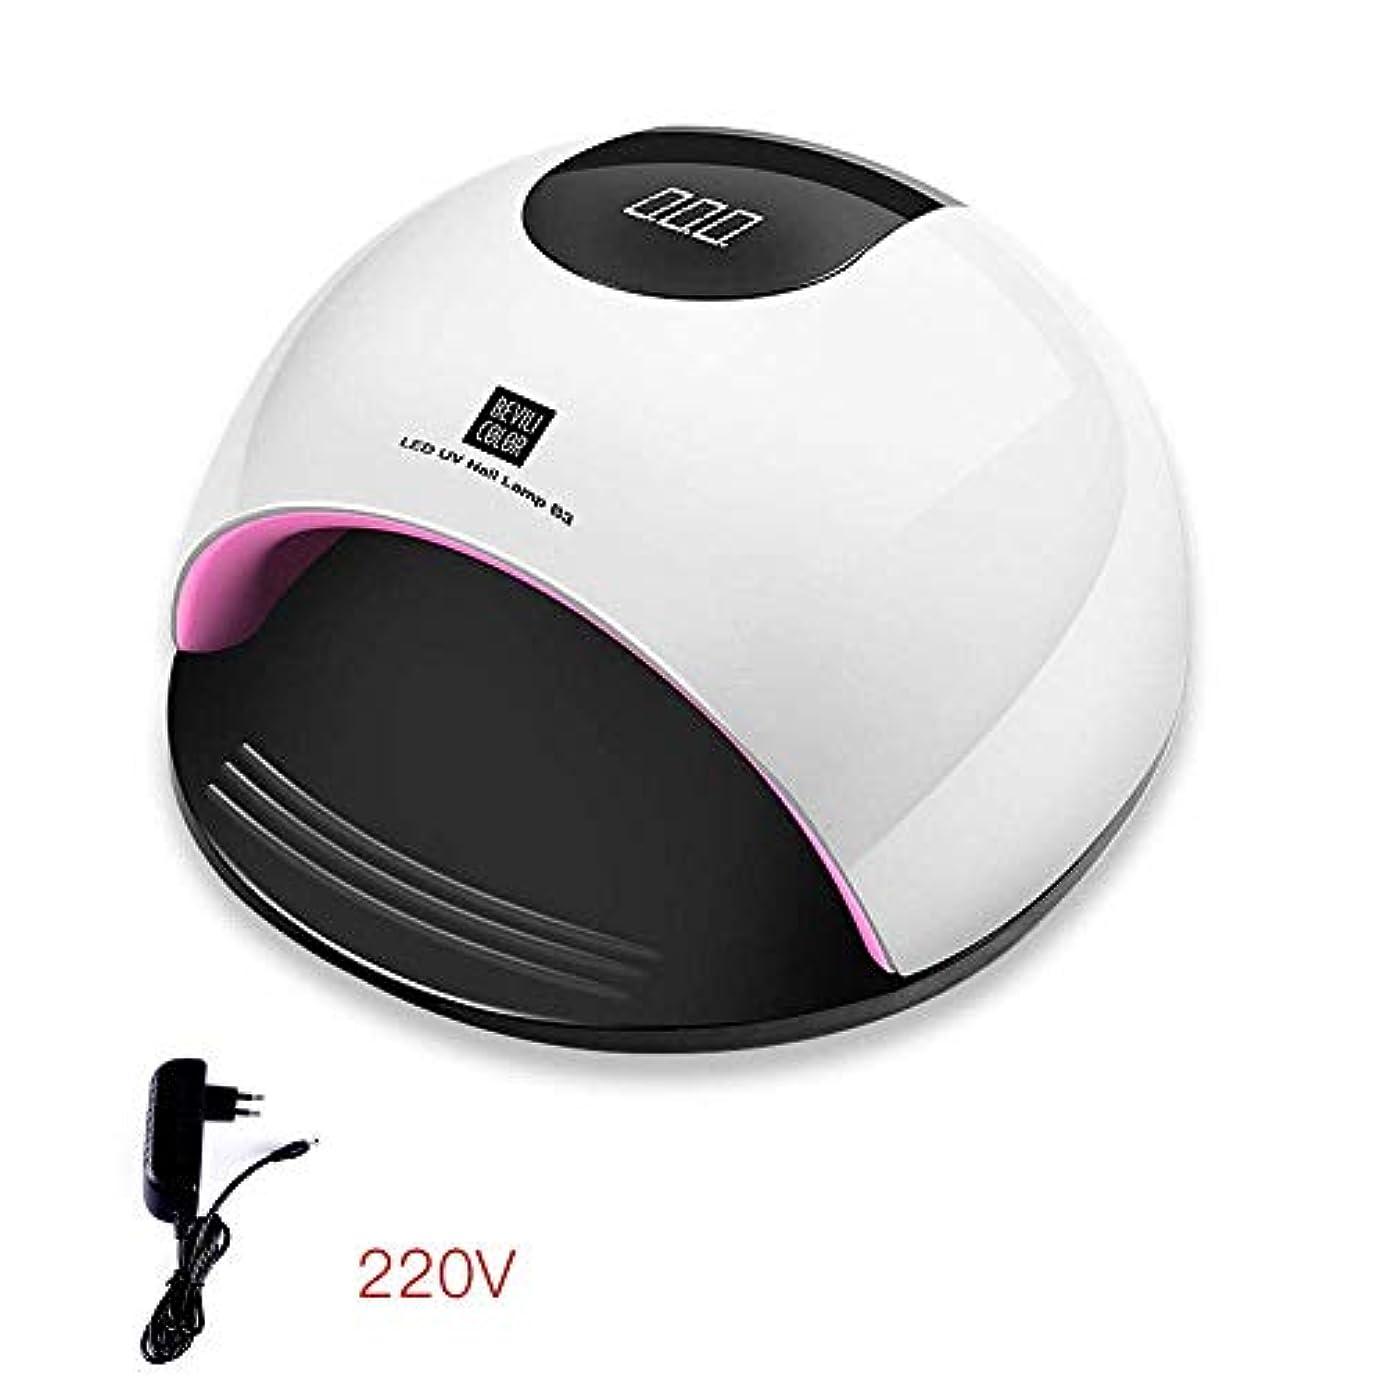 歌手レーダー流体80ワットハイパワーネイル光線療法機は軽い速乾性ネイルランプ誘導ネイルベーキングランプドライヤー、ブルー (Color : White)